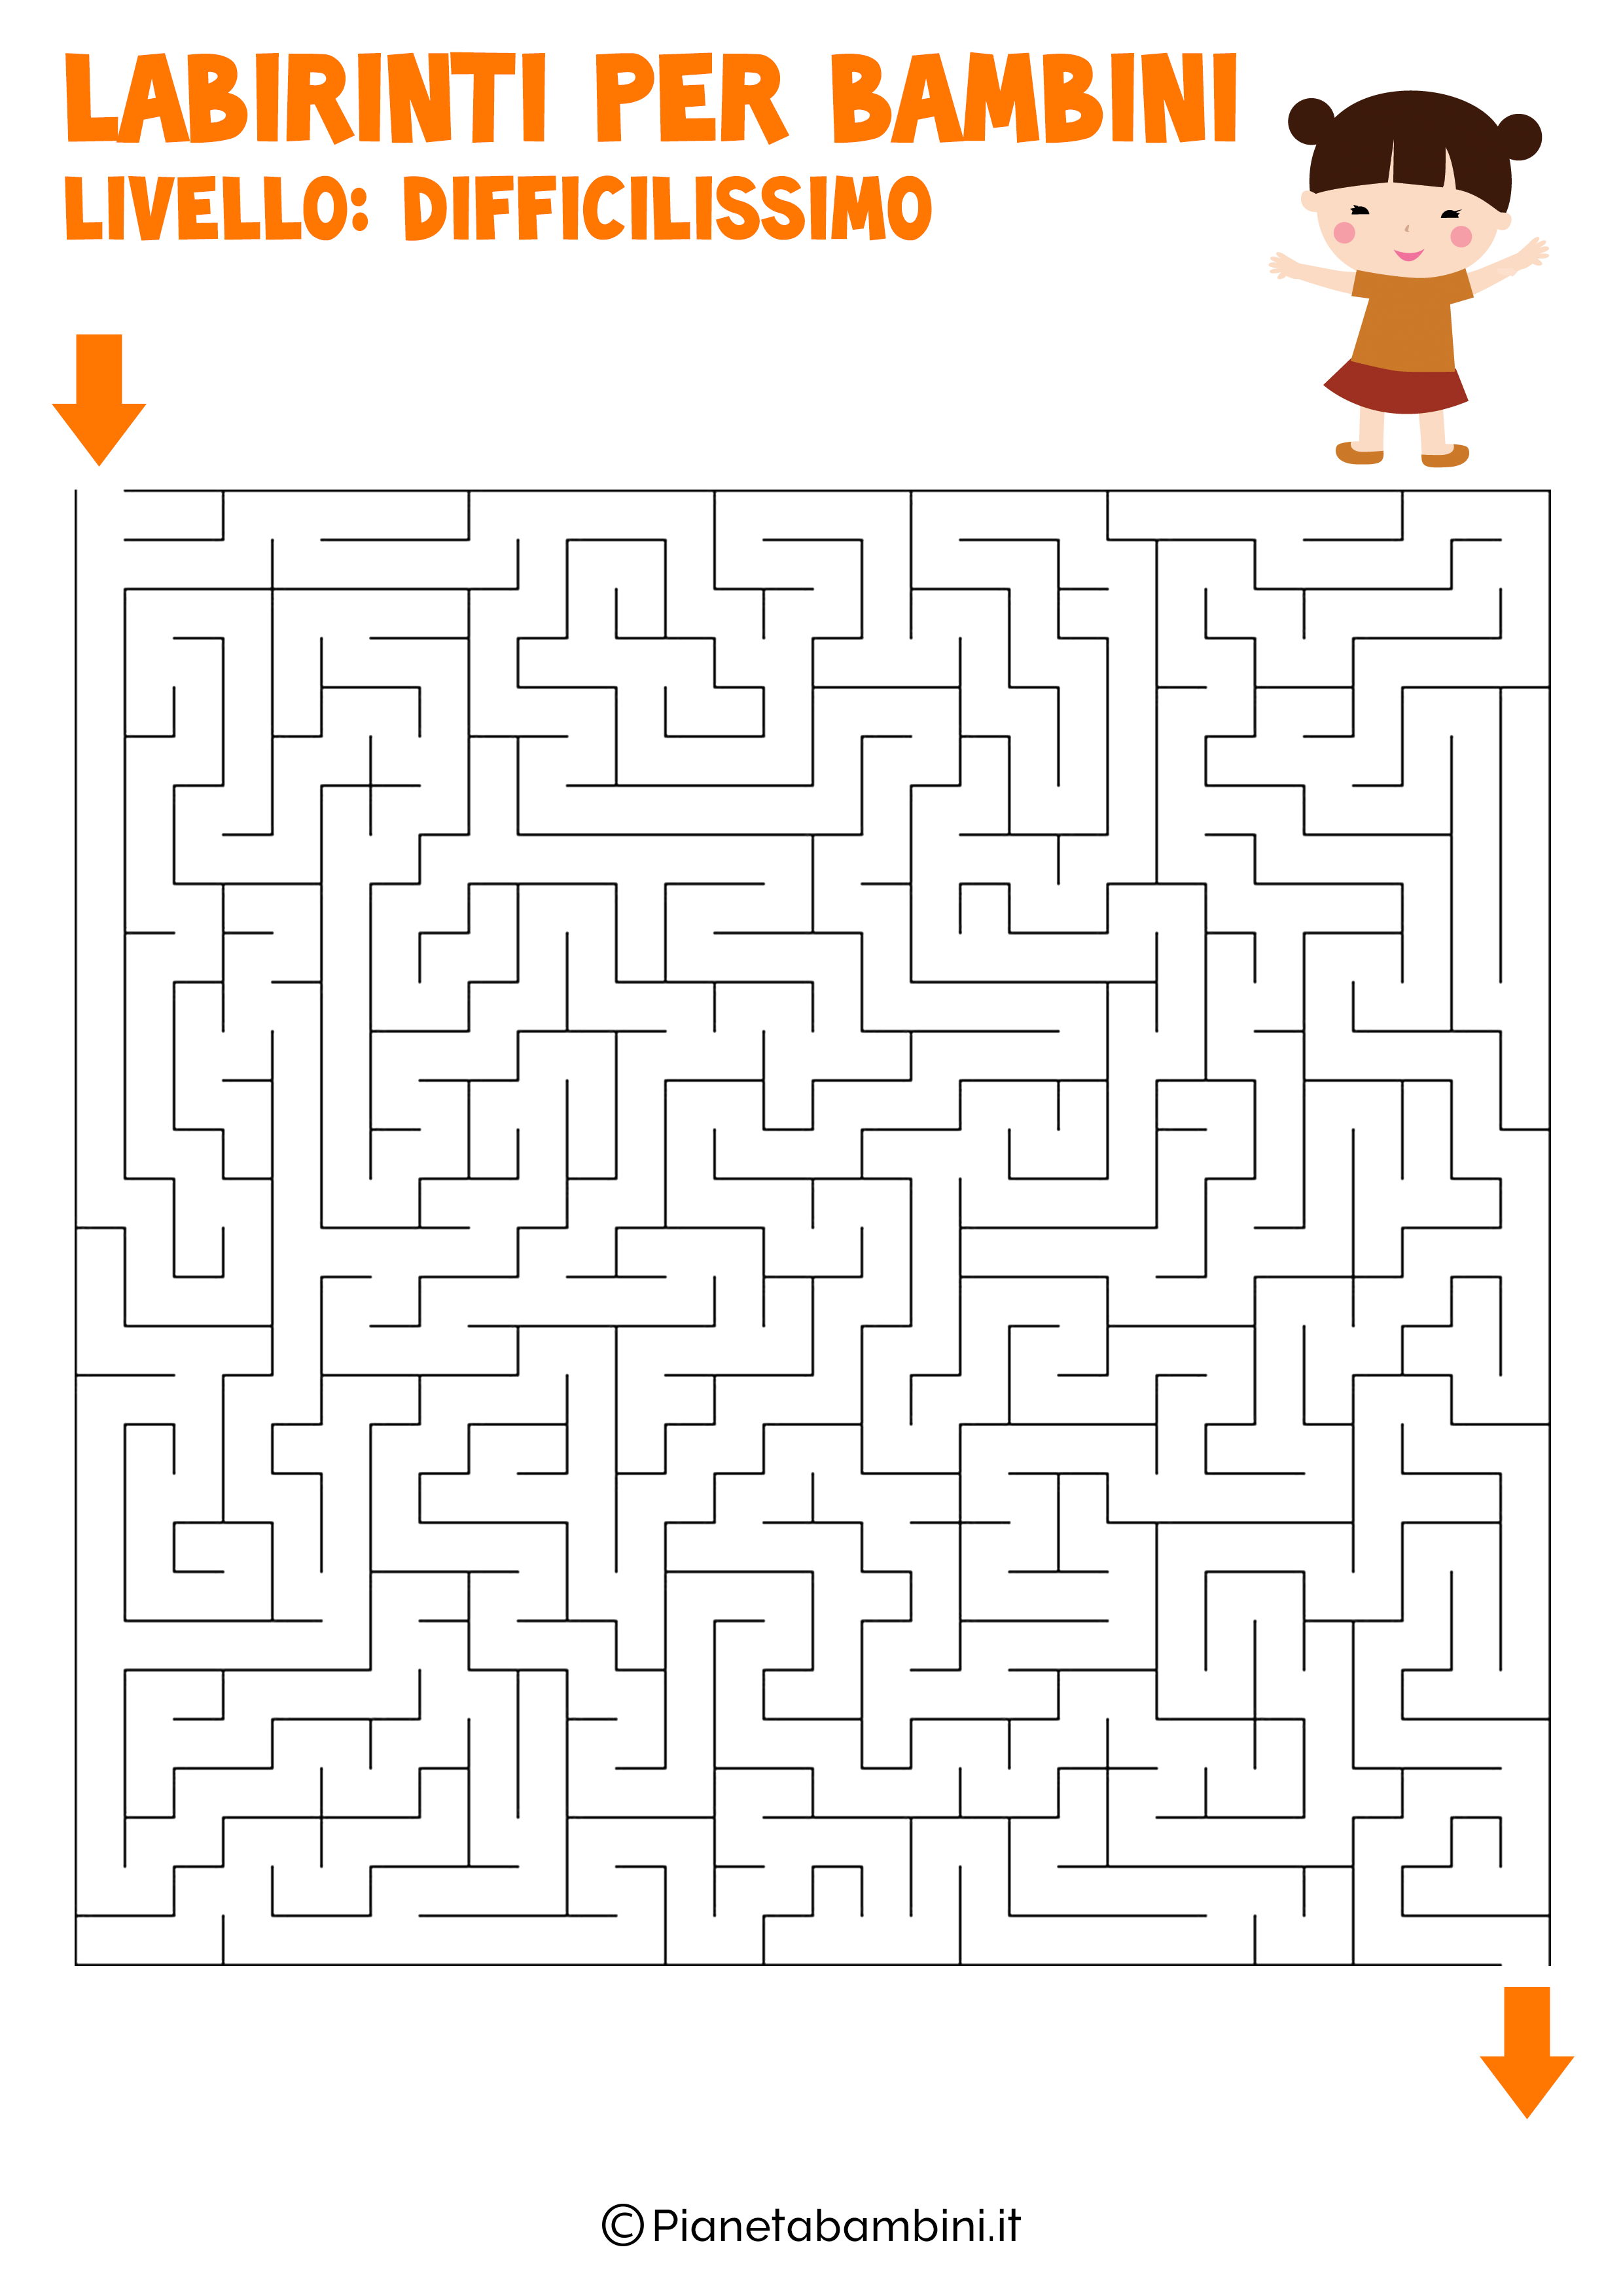 Labirinto difficilissimo per bambini numero 2